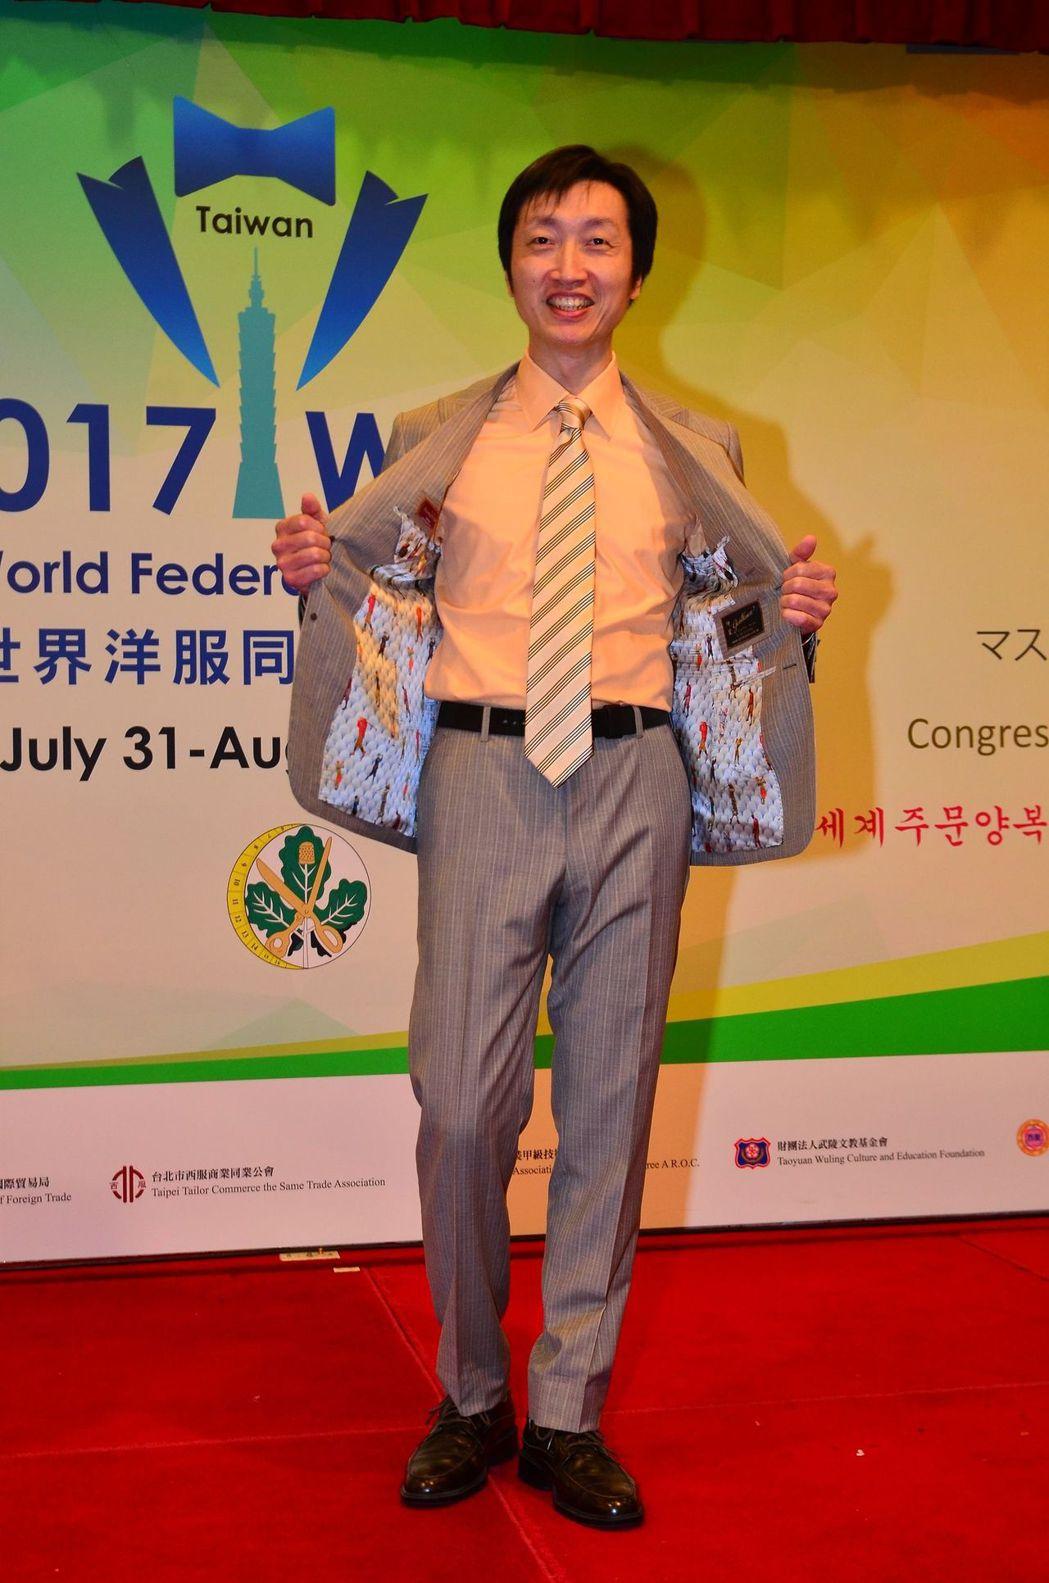 紳裝設計師陳勇任作品獲得評審完美的讚譽奪下男裝世界金牌。 紳裝/提供